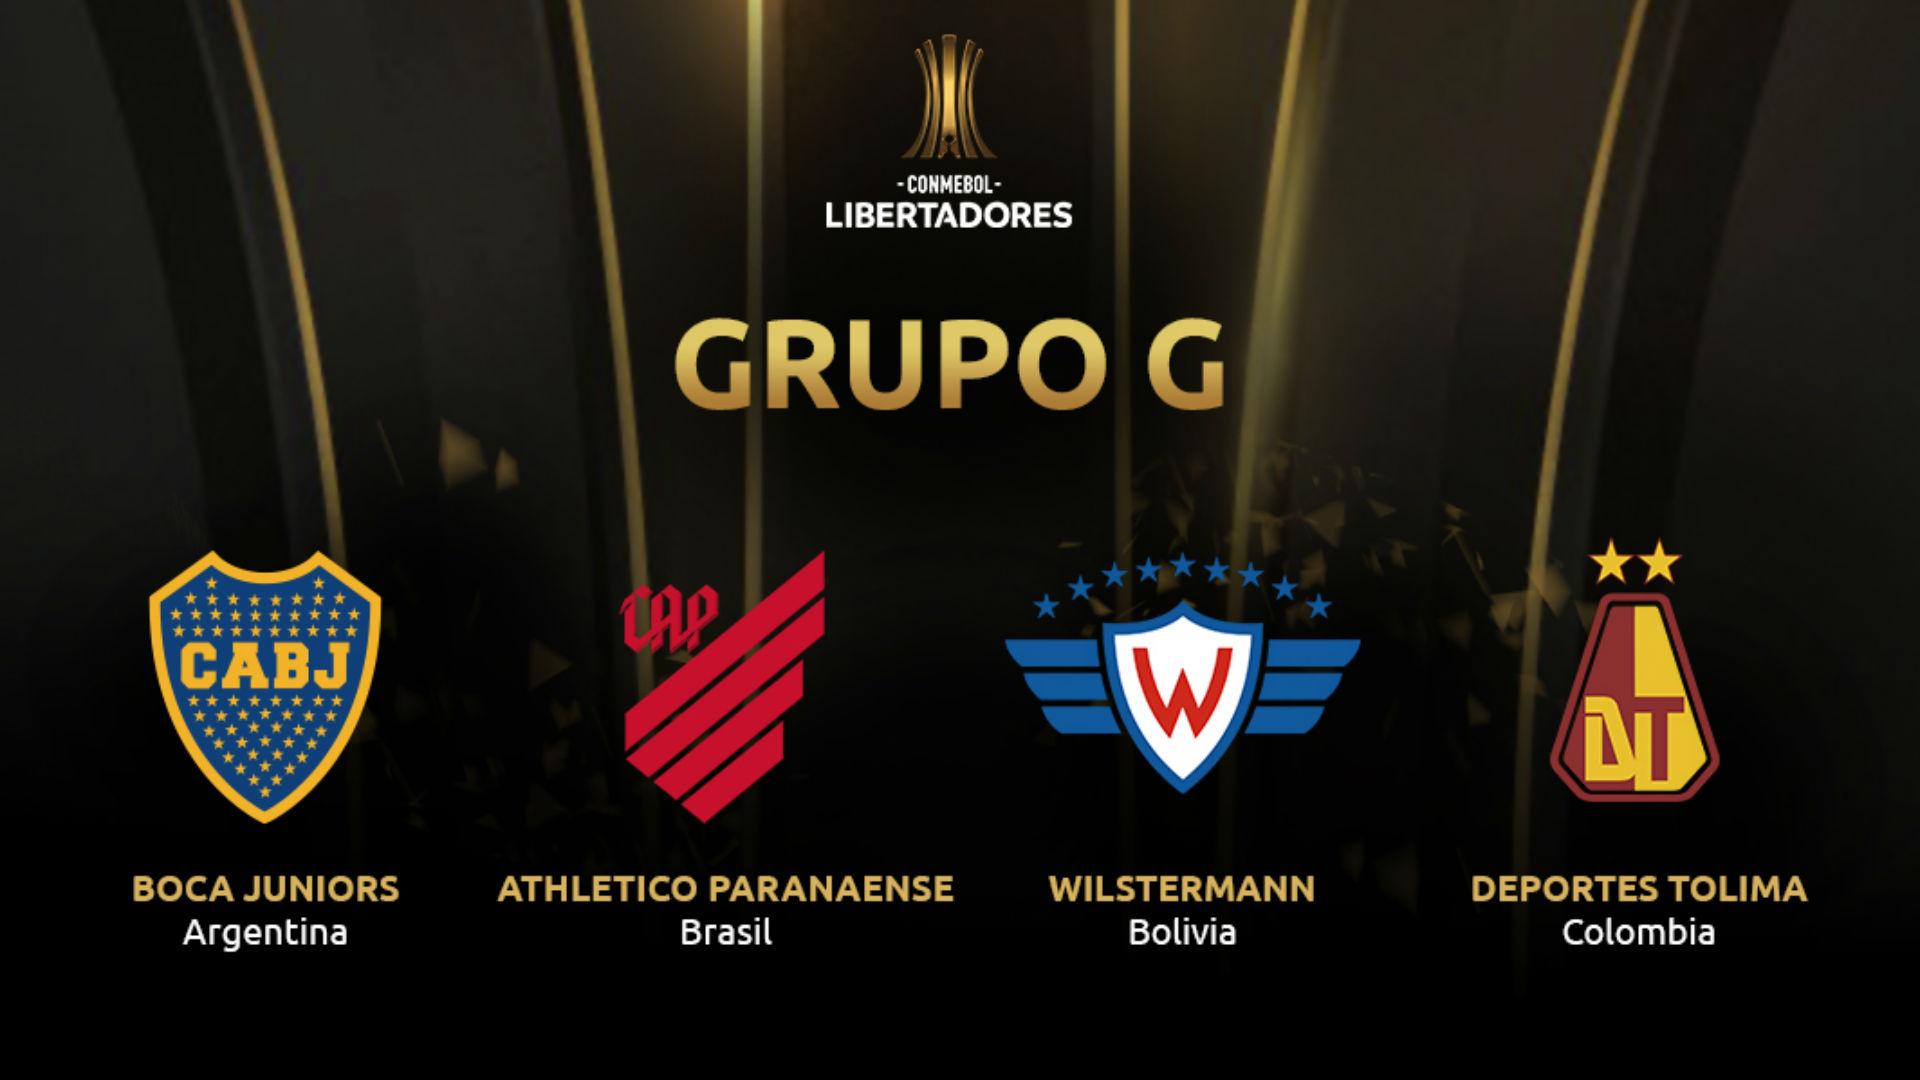 Grupo G Copa Libertadores 2019